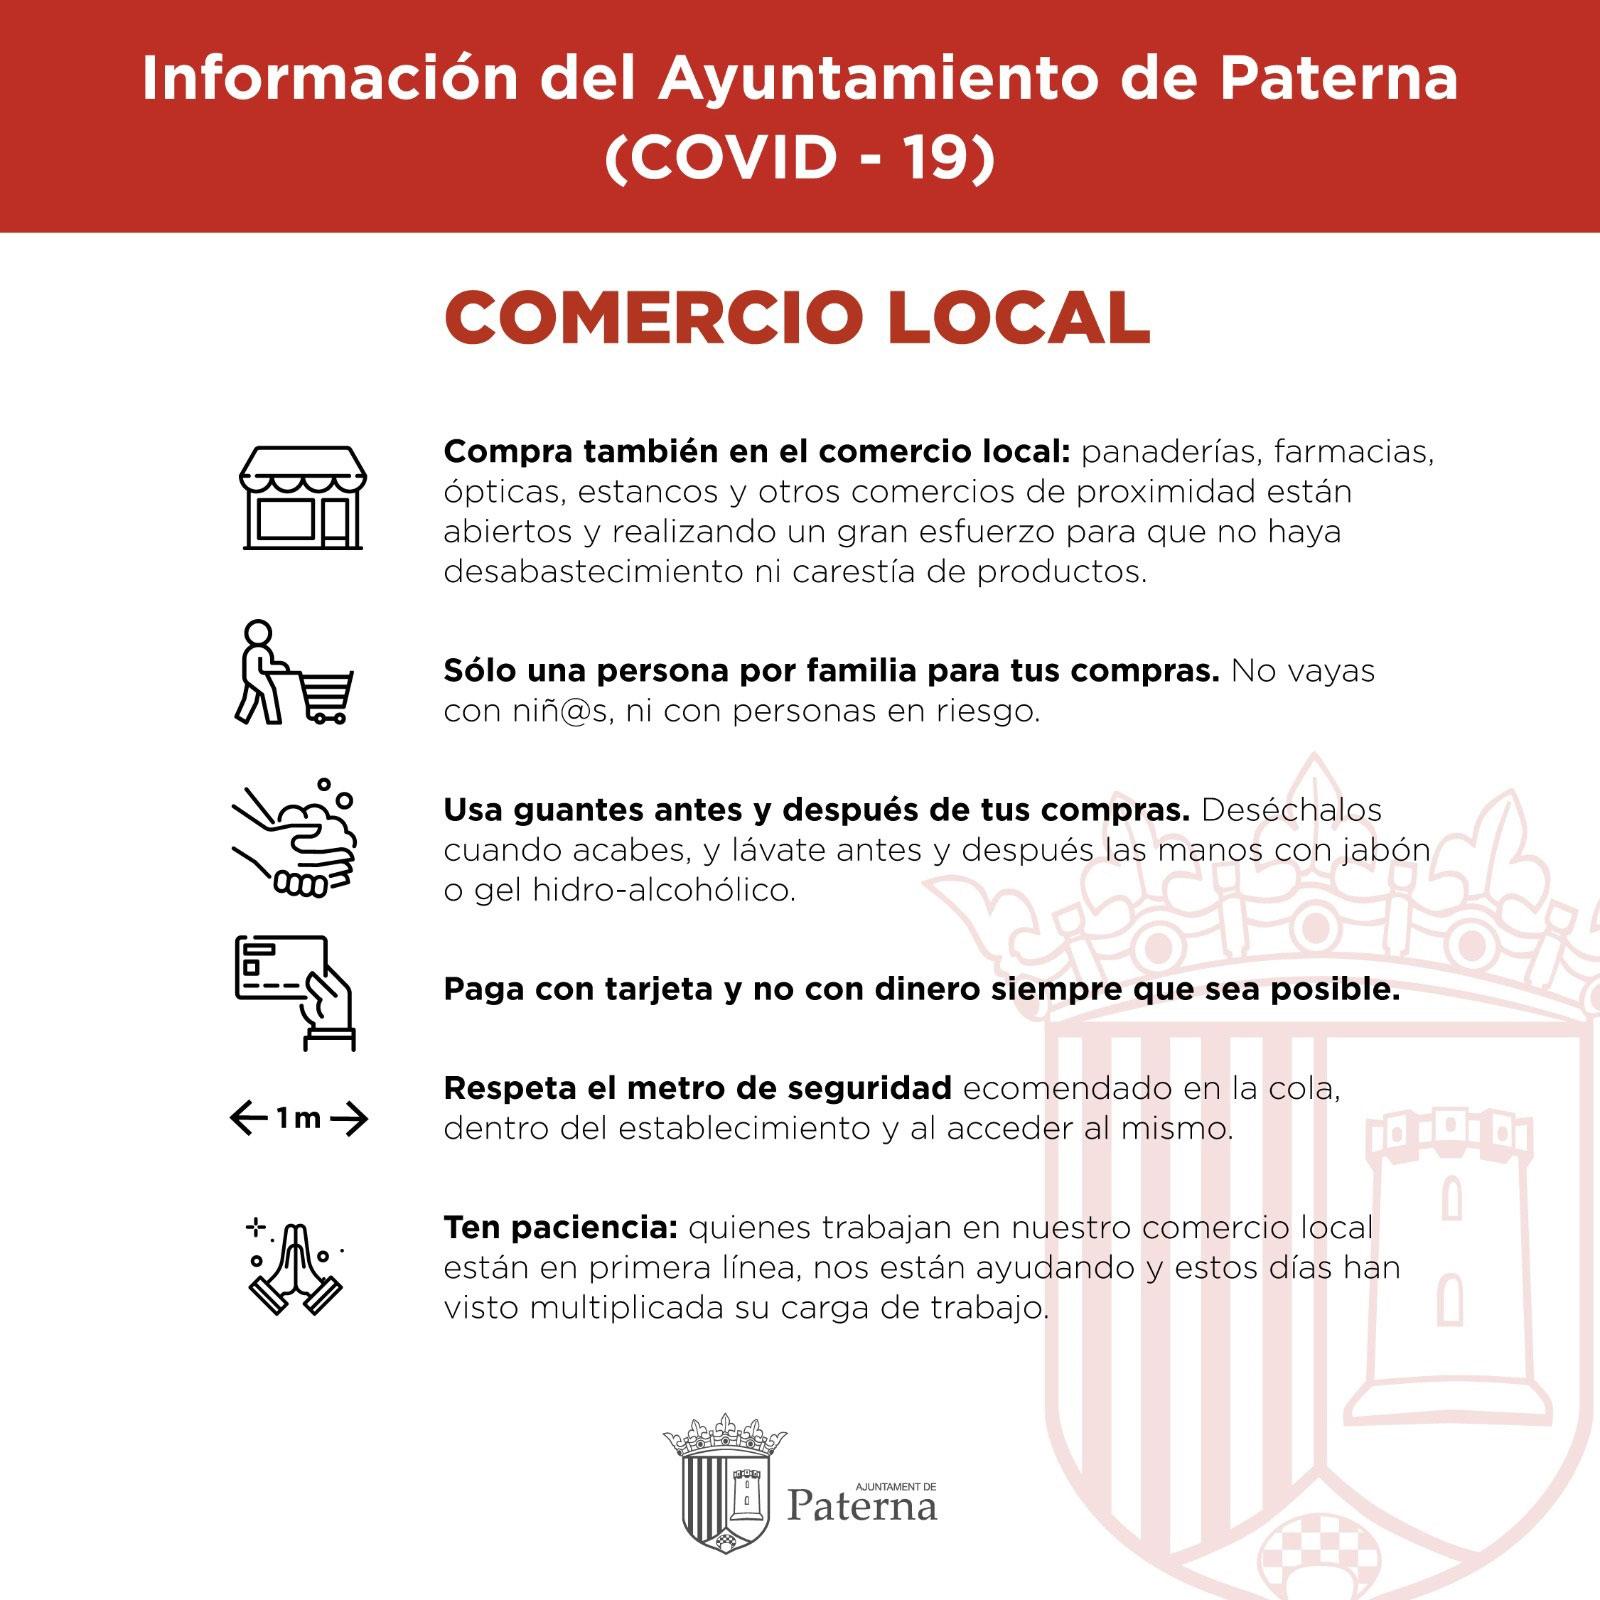 Información del Ayuntamiento de Paterna - Comercio local